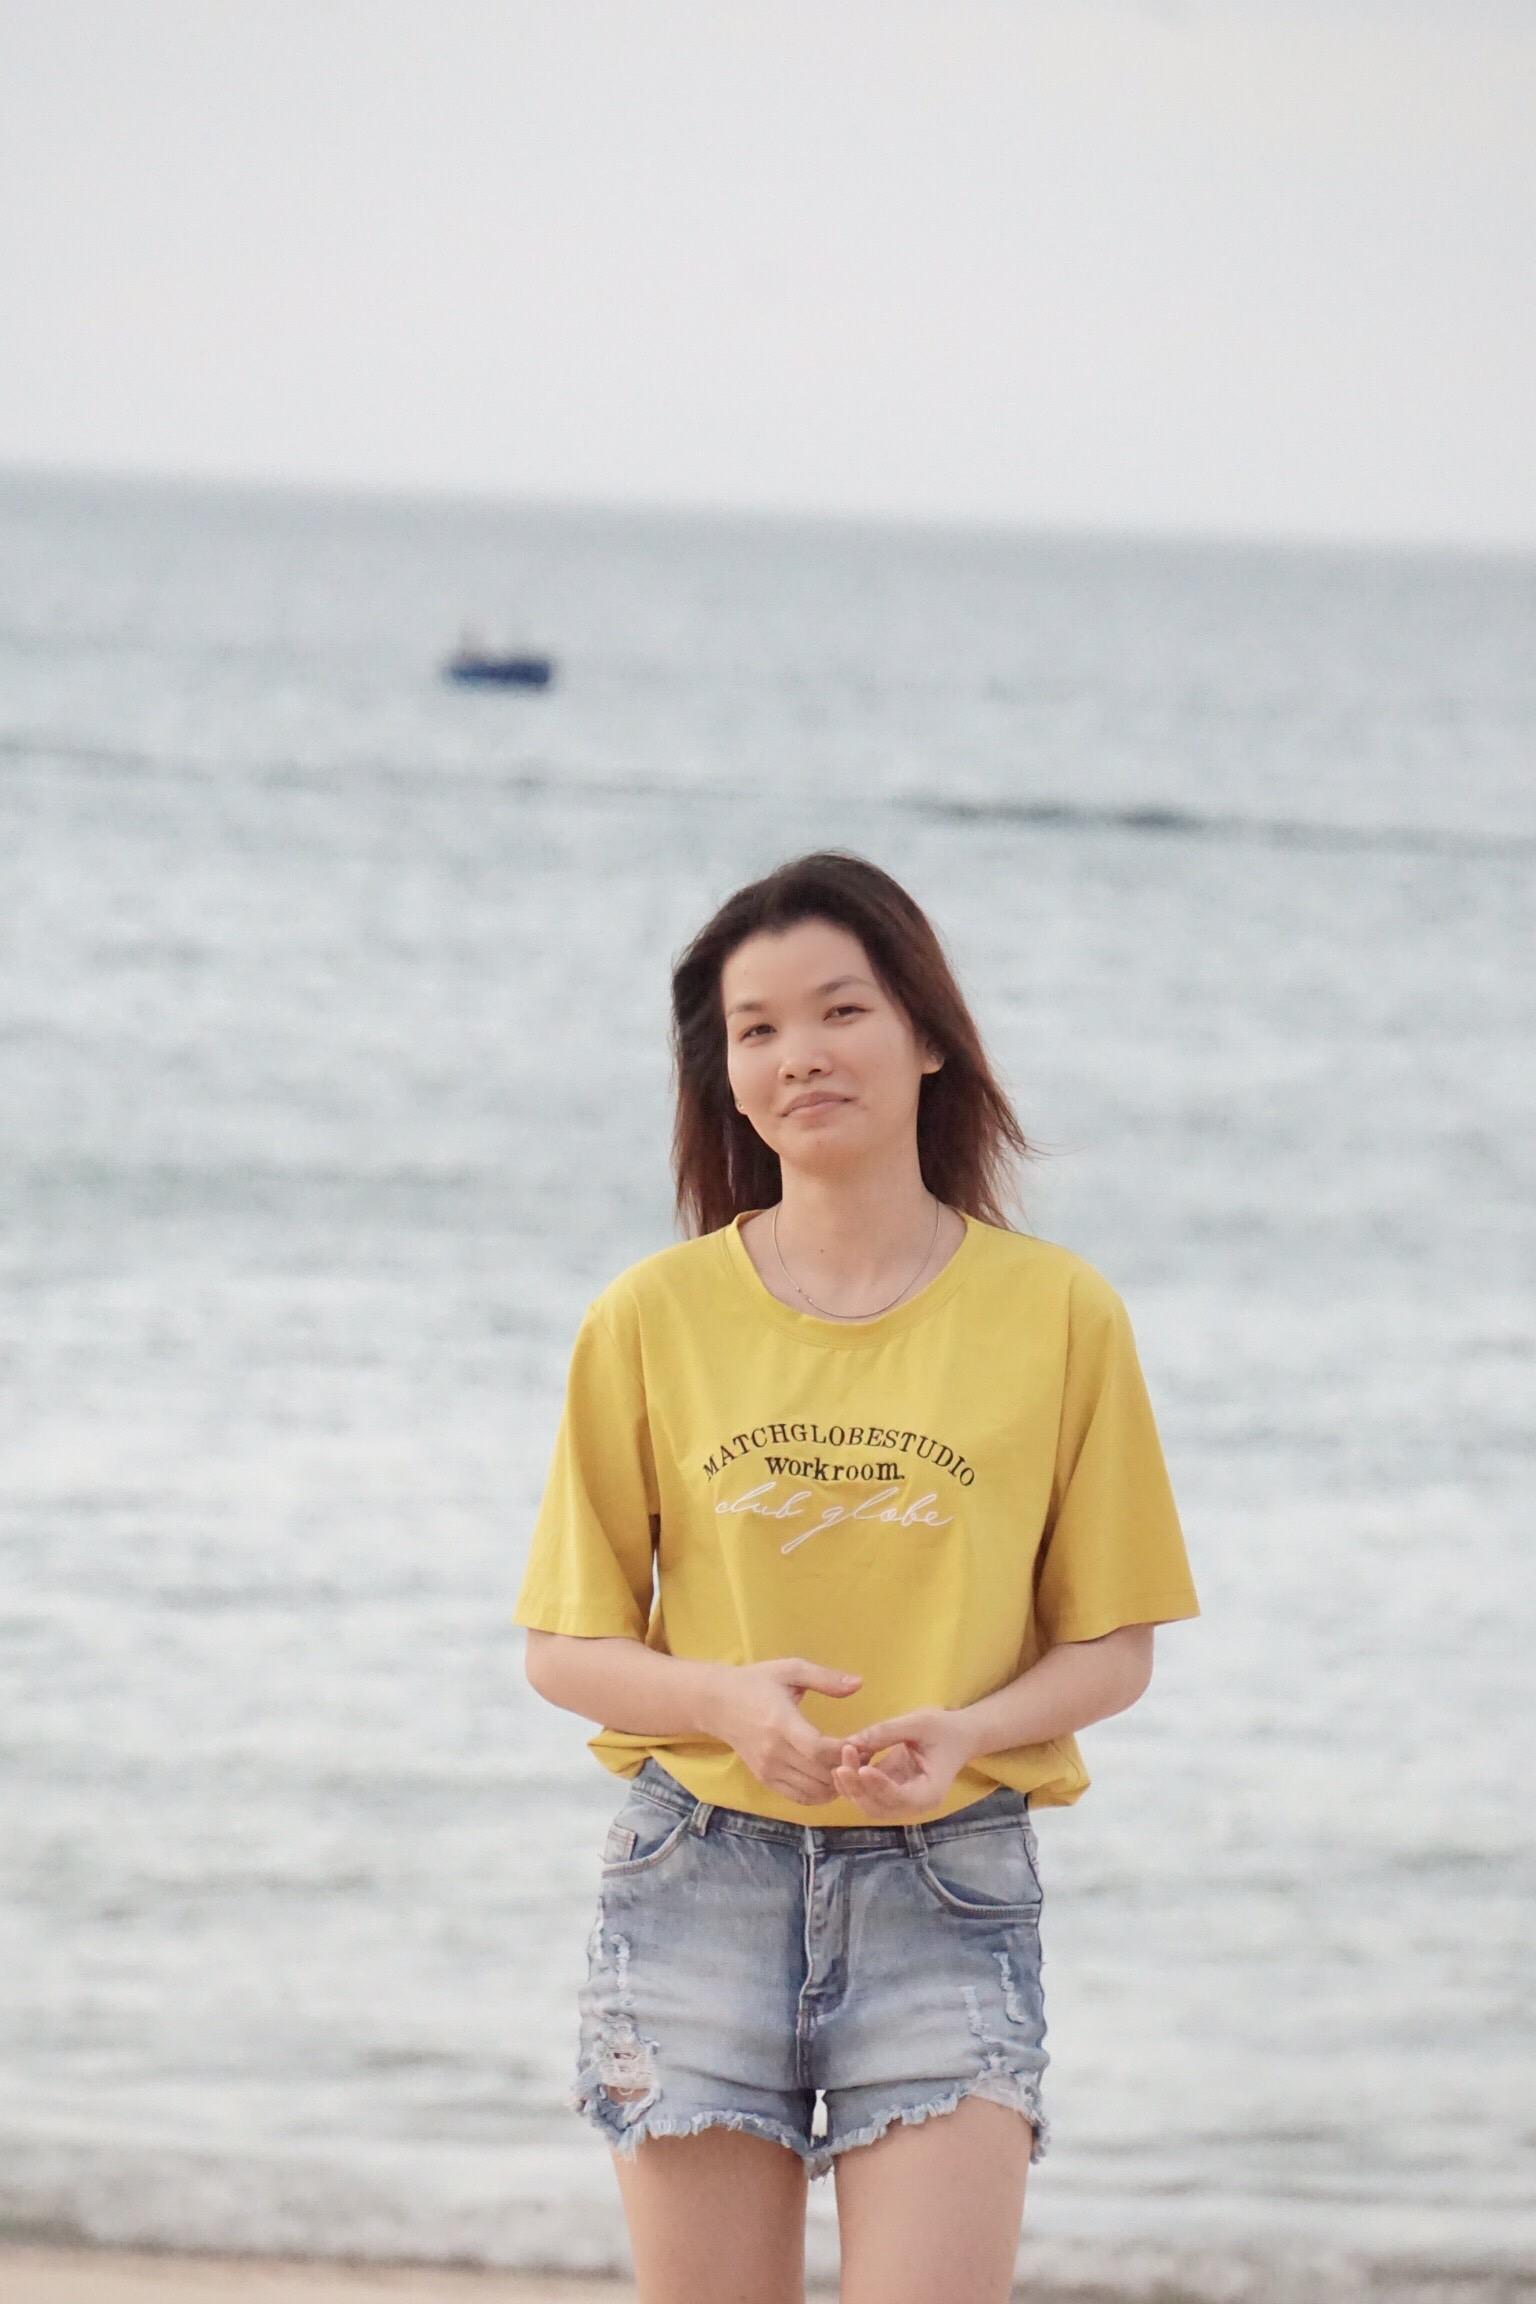 Nguyễn thị phương qunhf